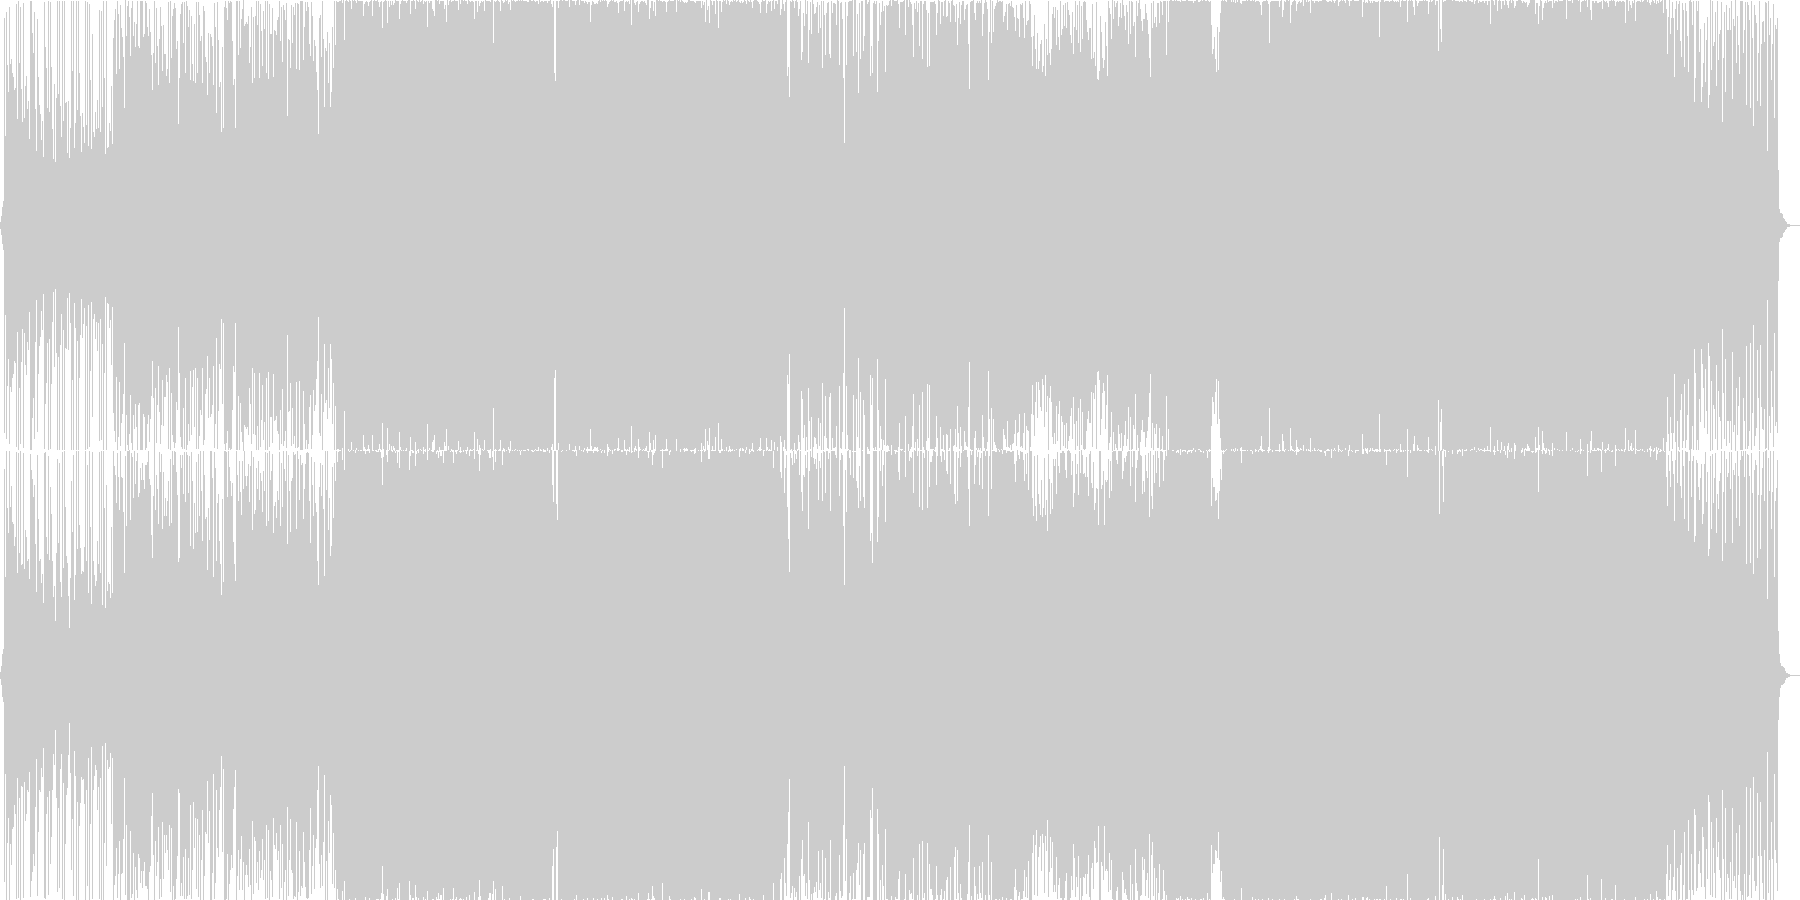 キラキラ、ポップ女性ボーカルのエレクトロの未再生の波形